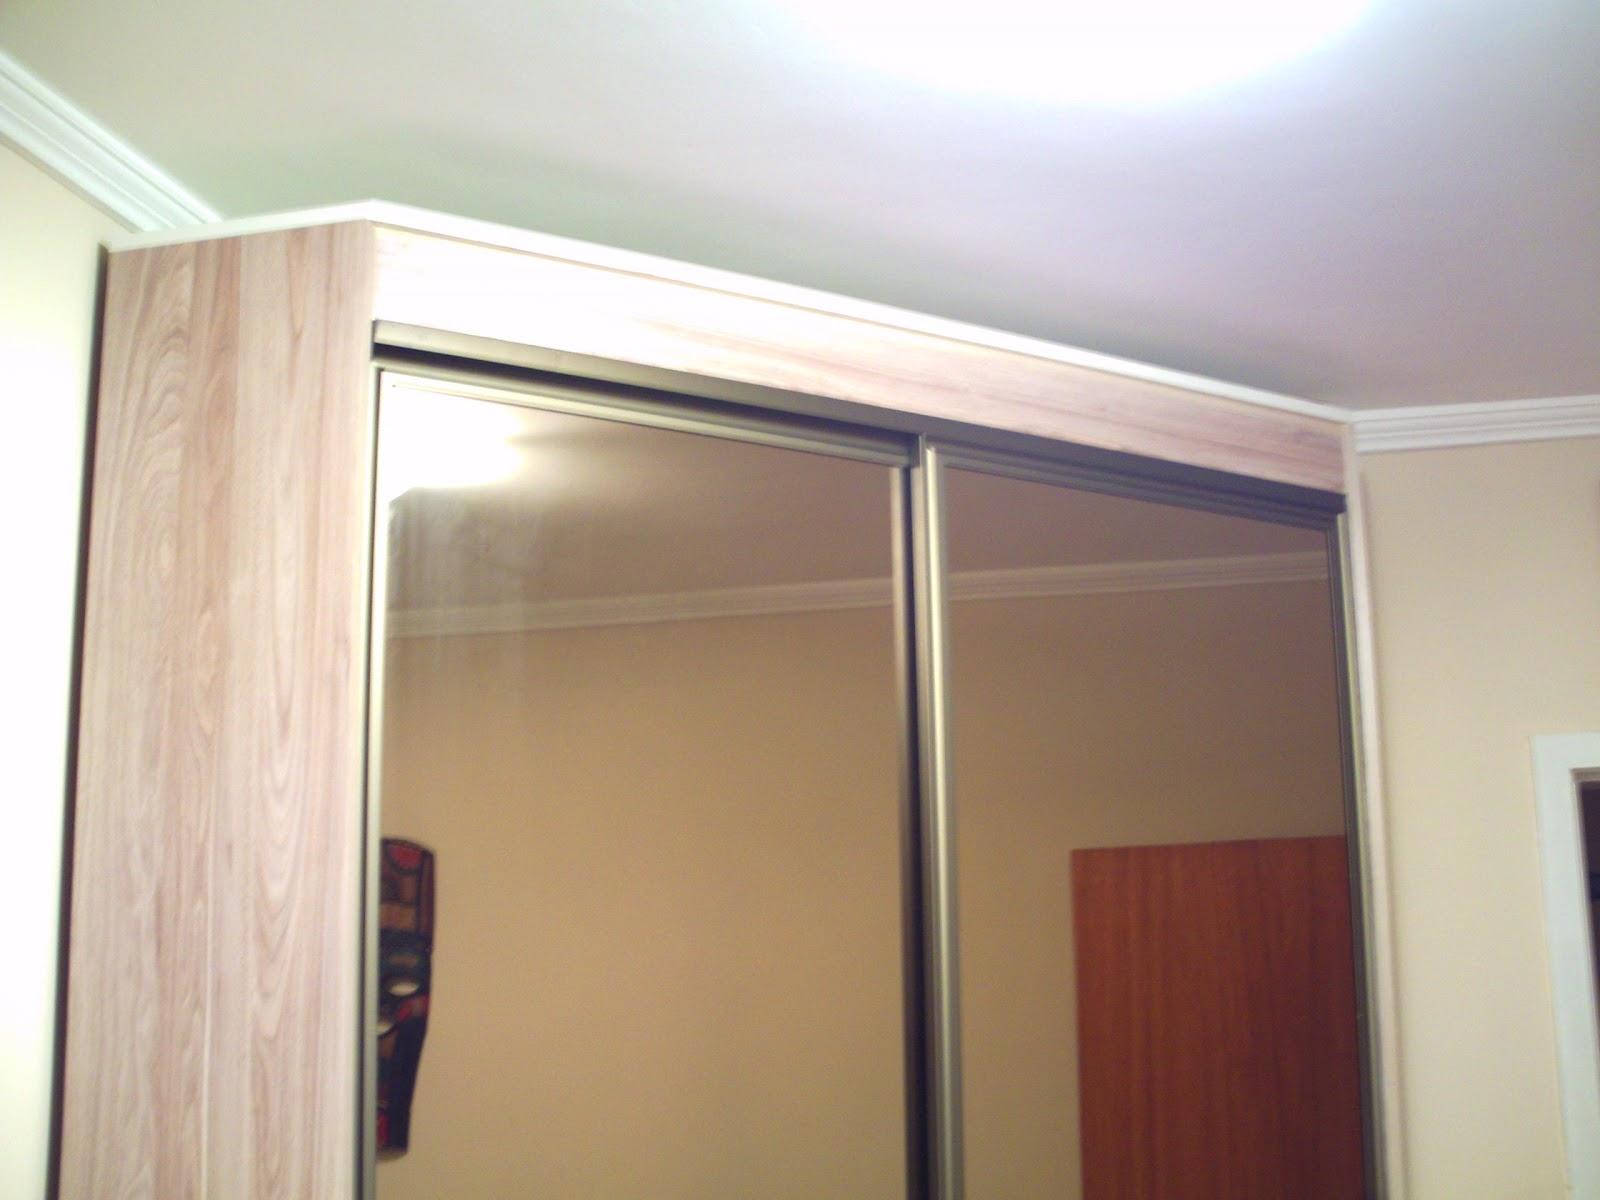 #65332B Oficina de Marcenaria: Mini closed decanto com portas de alumínio e  1118 Portas E Janelas De Aluminio Porto Alegre Rs